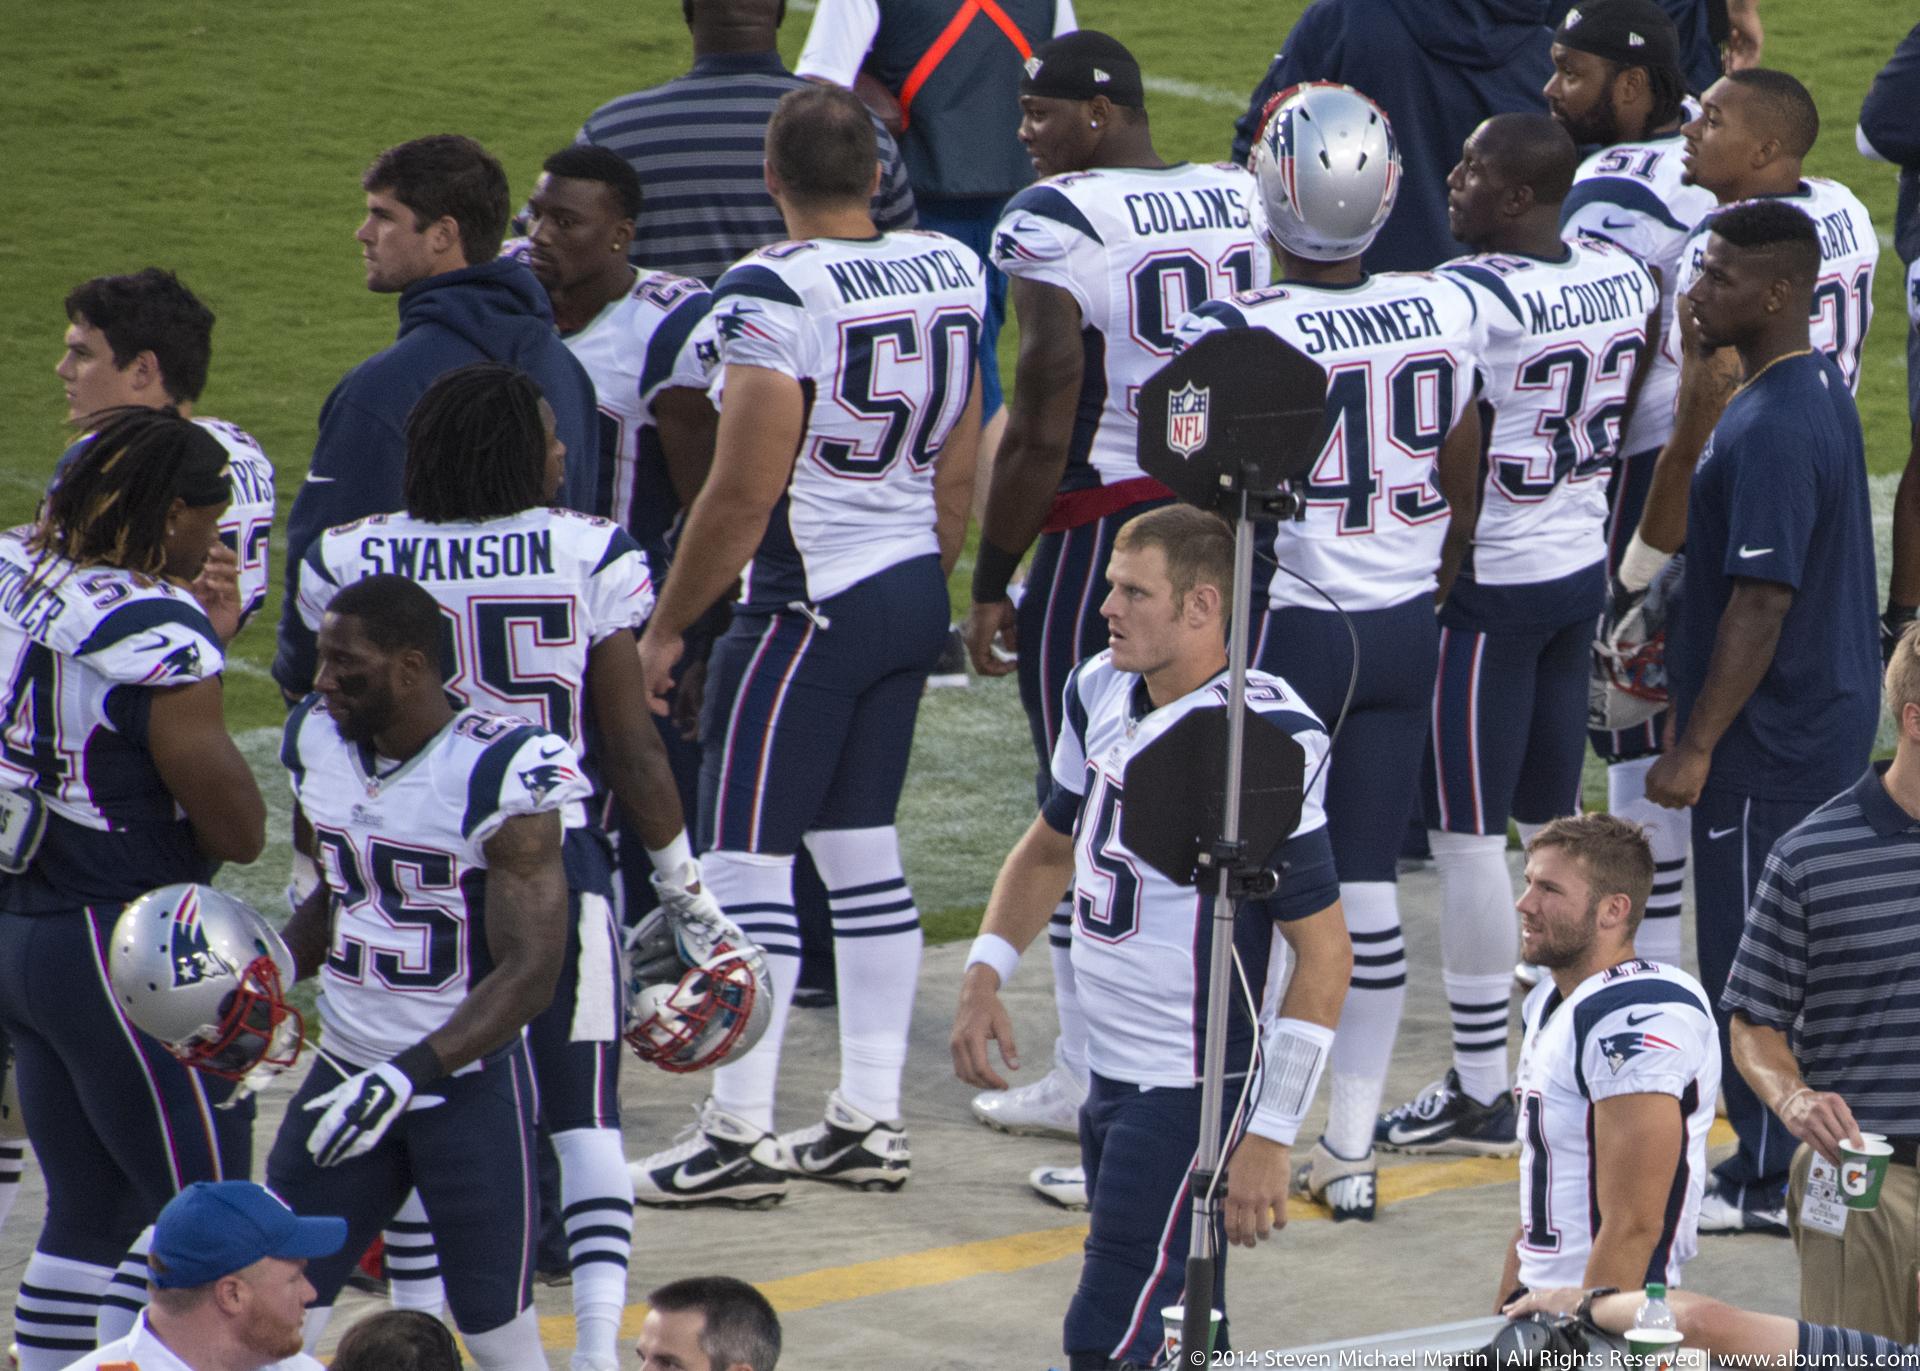 SMartin_2014 Patriots Redskins_20140807_013